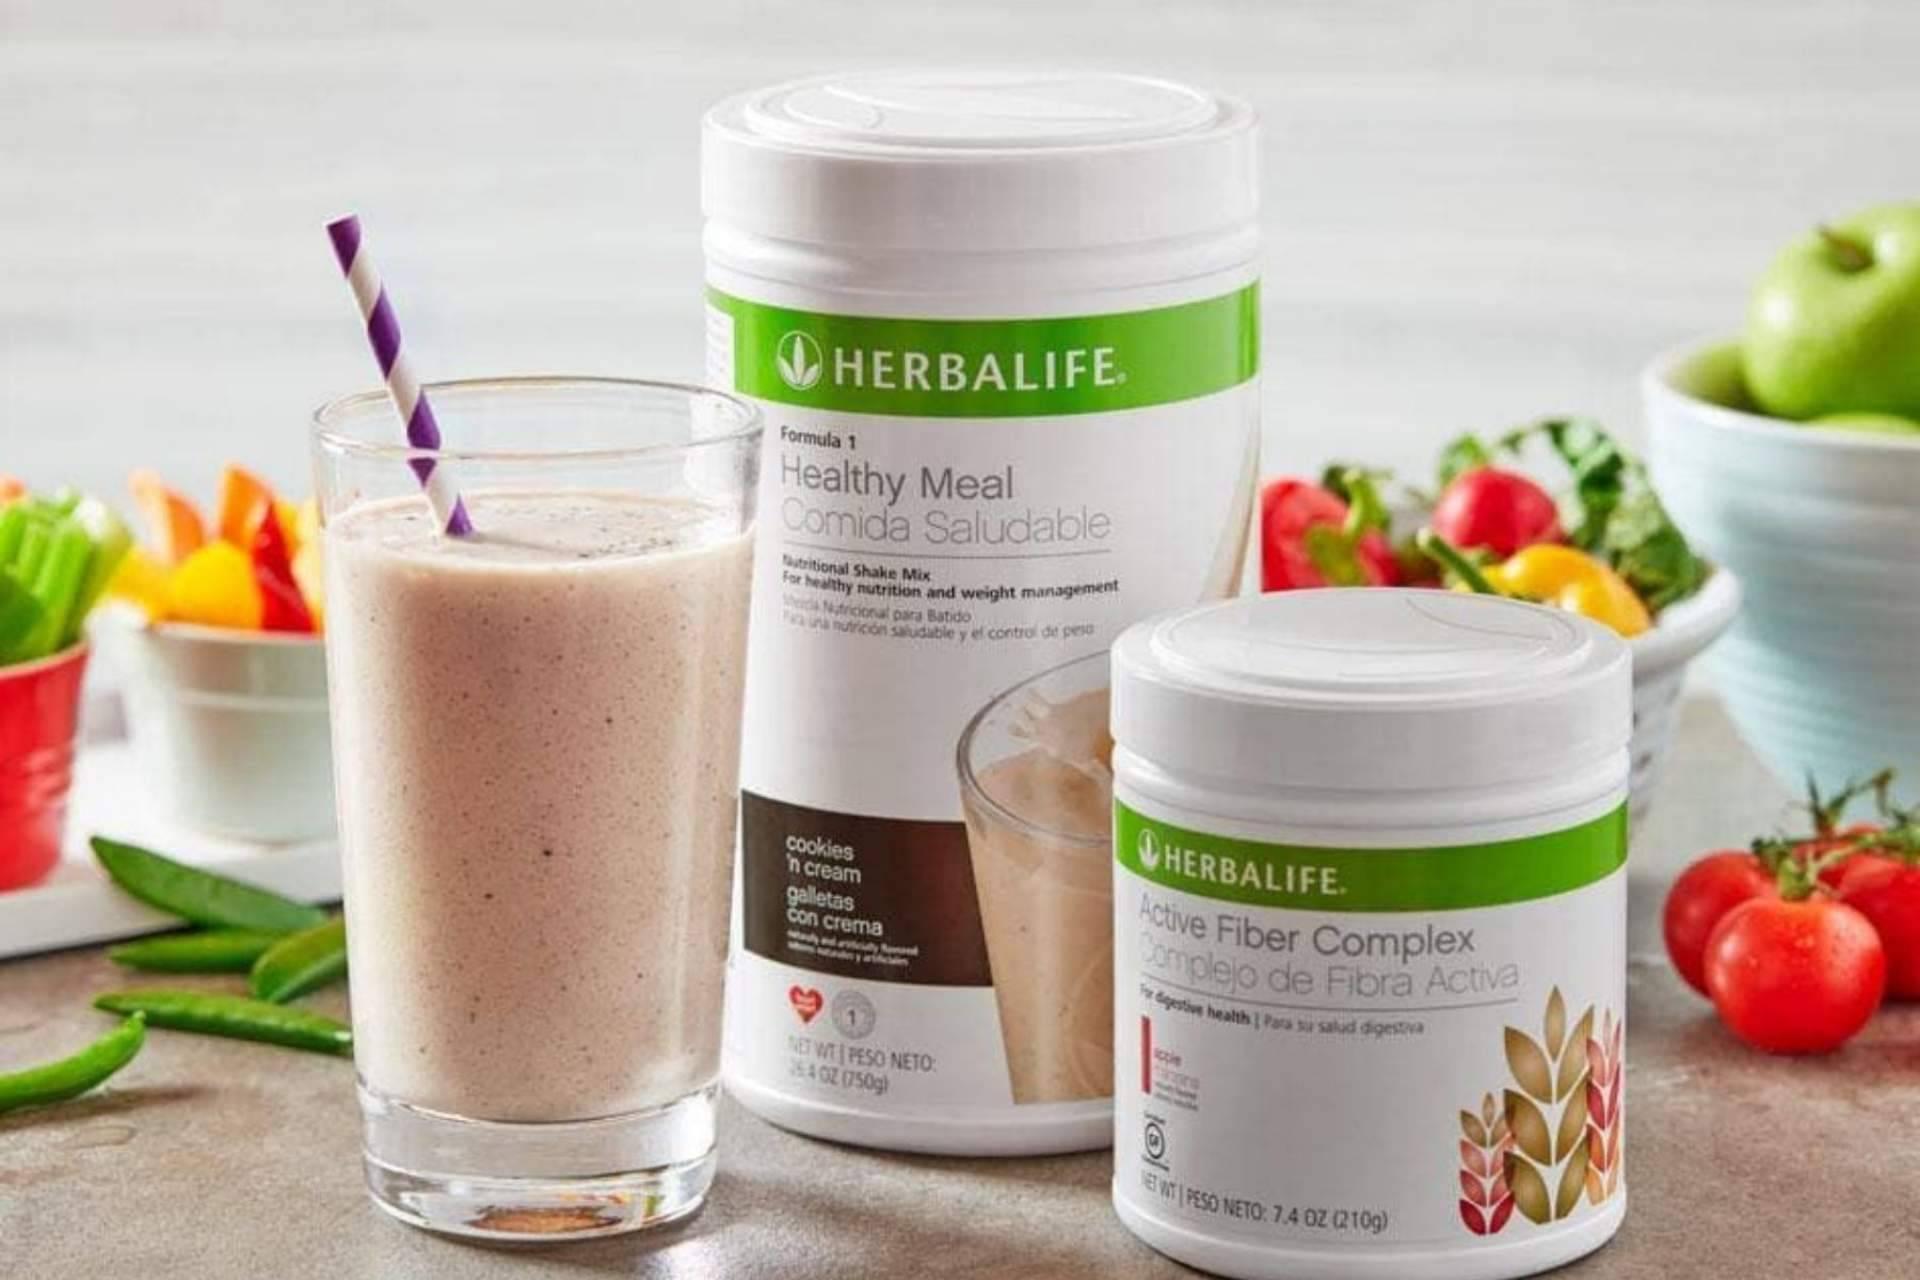 ¿Cómo conseguir bajar de peso? NutriFitMarbella y su paquete de prueba Herbalife